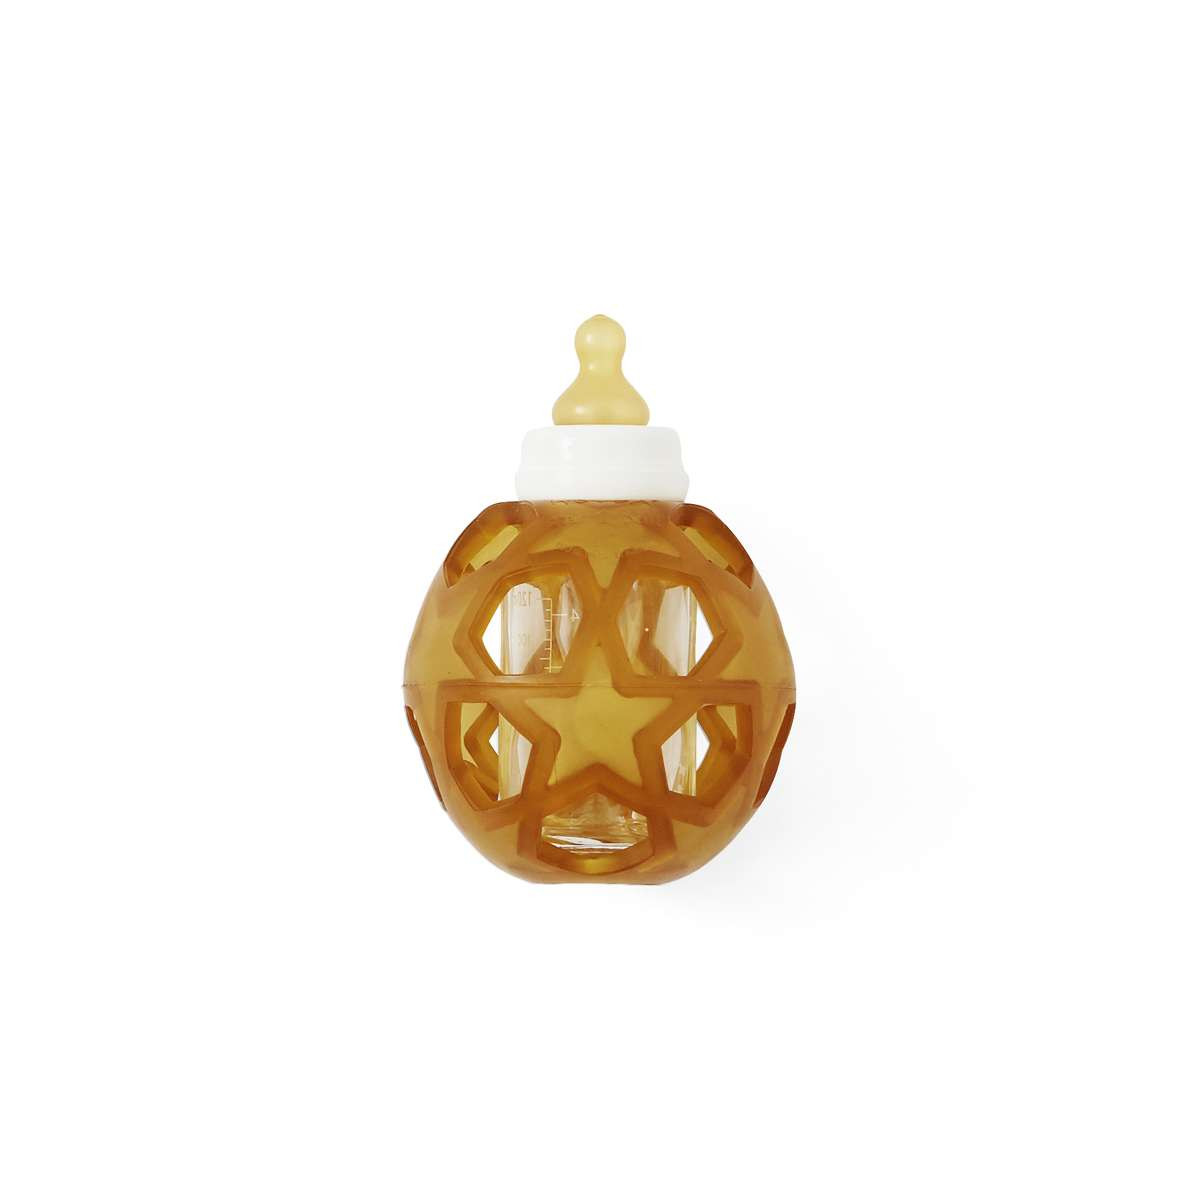 Hevea 2 i 1 sutteflaske af glas med stjerne bold til beskyttelse og bedre greb